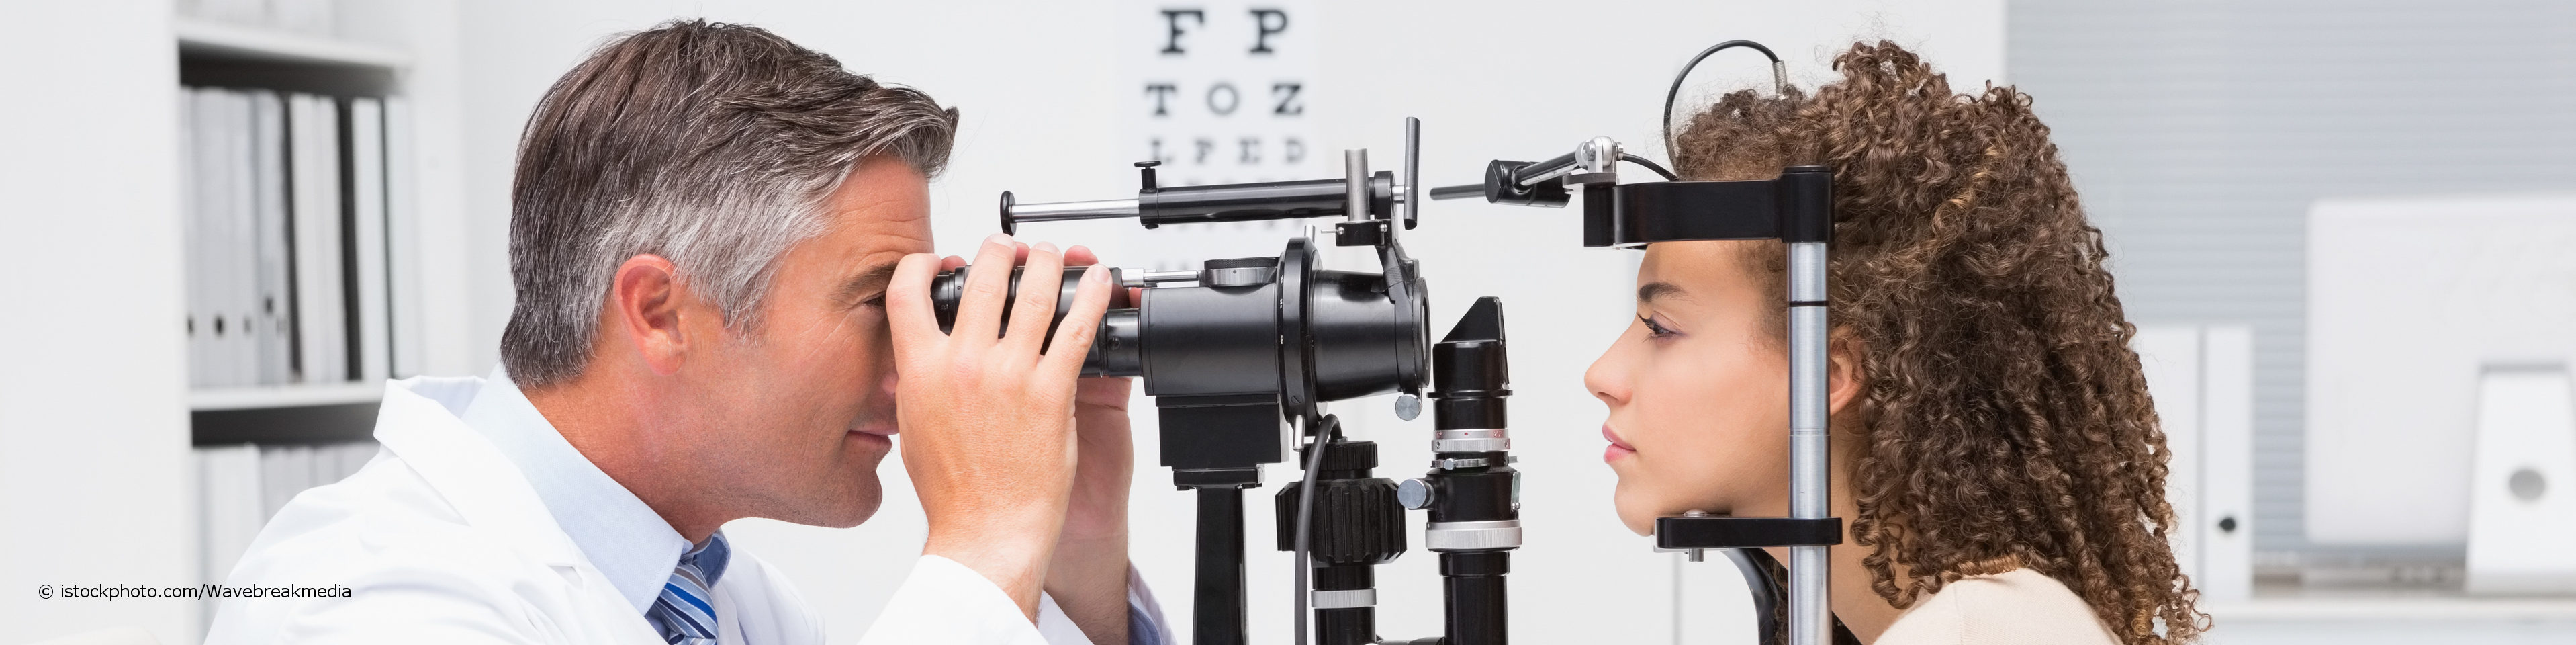 Ein Augenarzt untersucht die Augen einer Patientin an der Spaltlampe auf Erkrankungen, Sehschwächen und Fehlsichtigkeiten